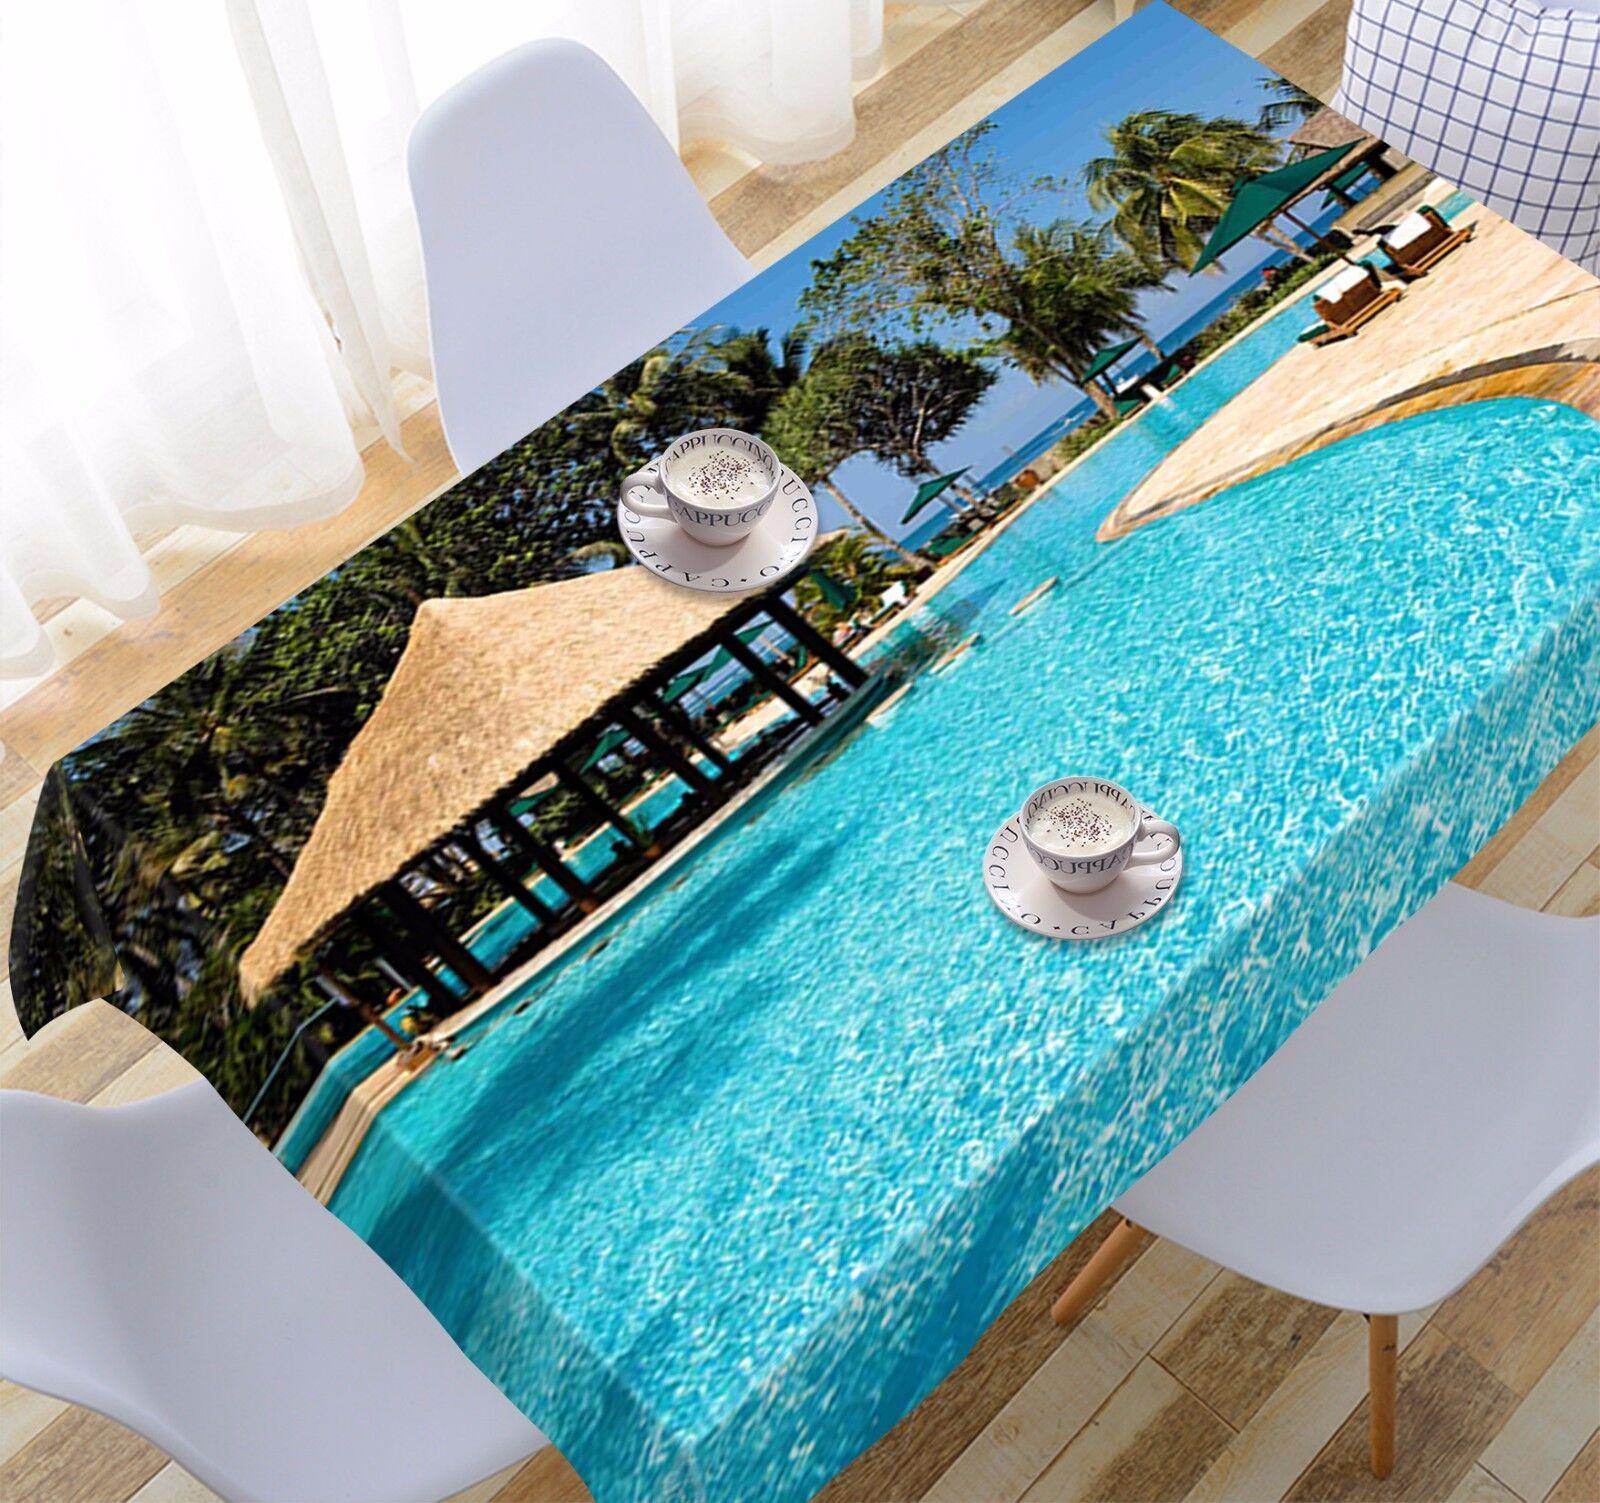 3D Bleu Piscine 96 Nappe Table Cover Cloth Fête D'Anniversaire événement AJ papier peint UK